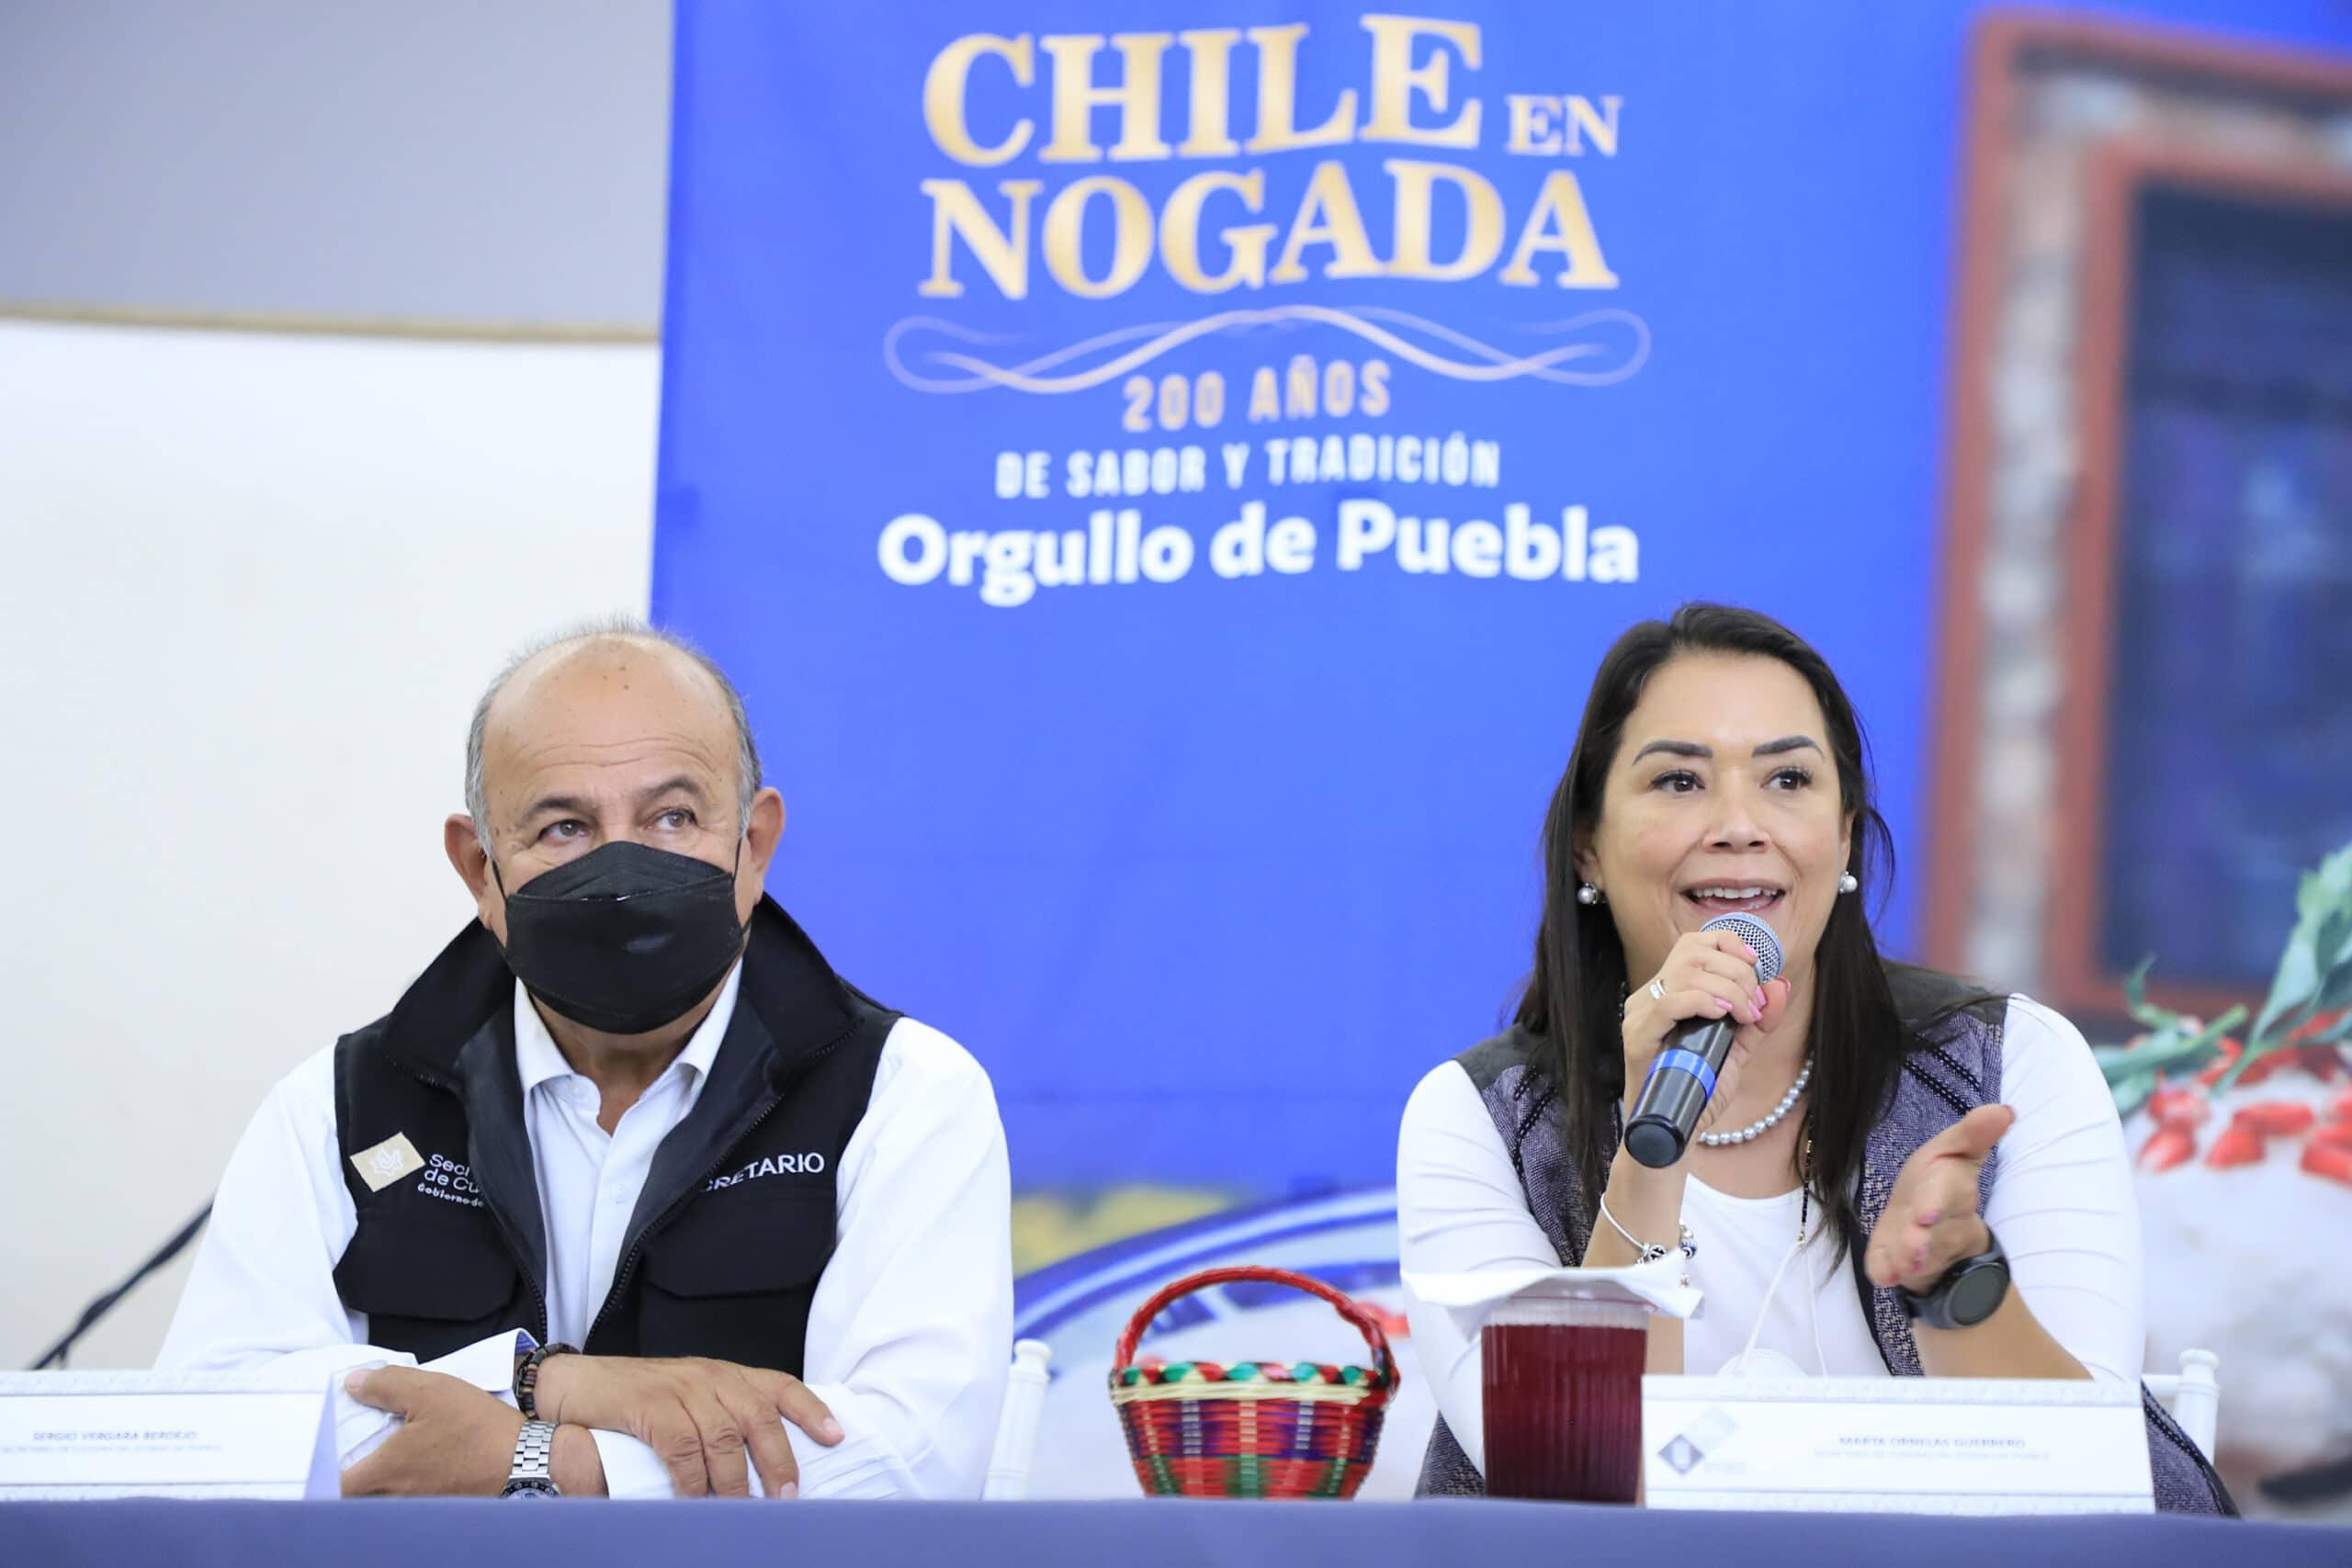 Realiza Secretaría de Turismo feria del Chile en Nogada en Tehuacán